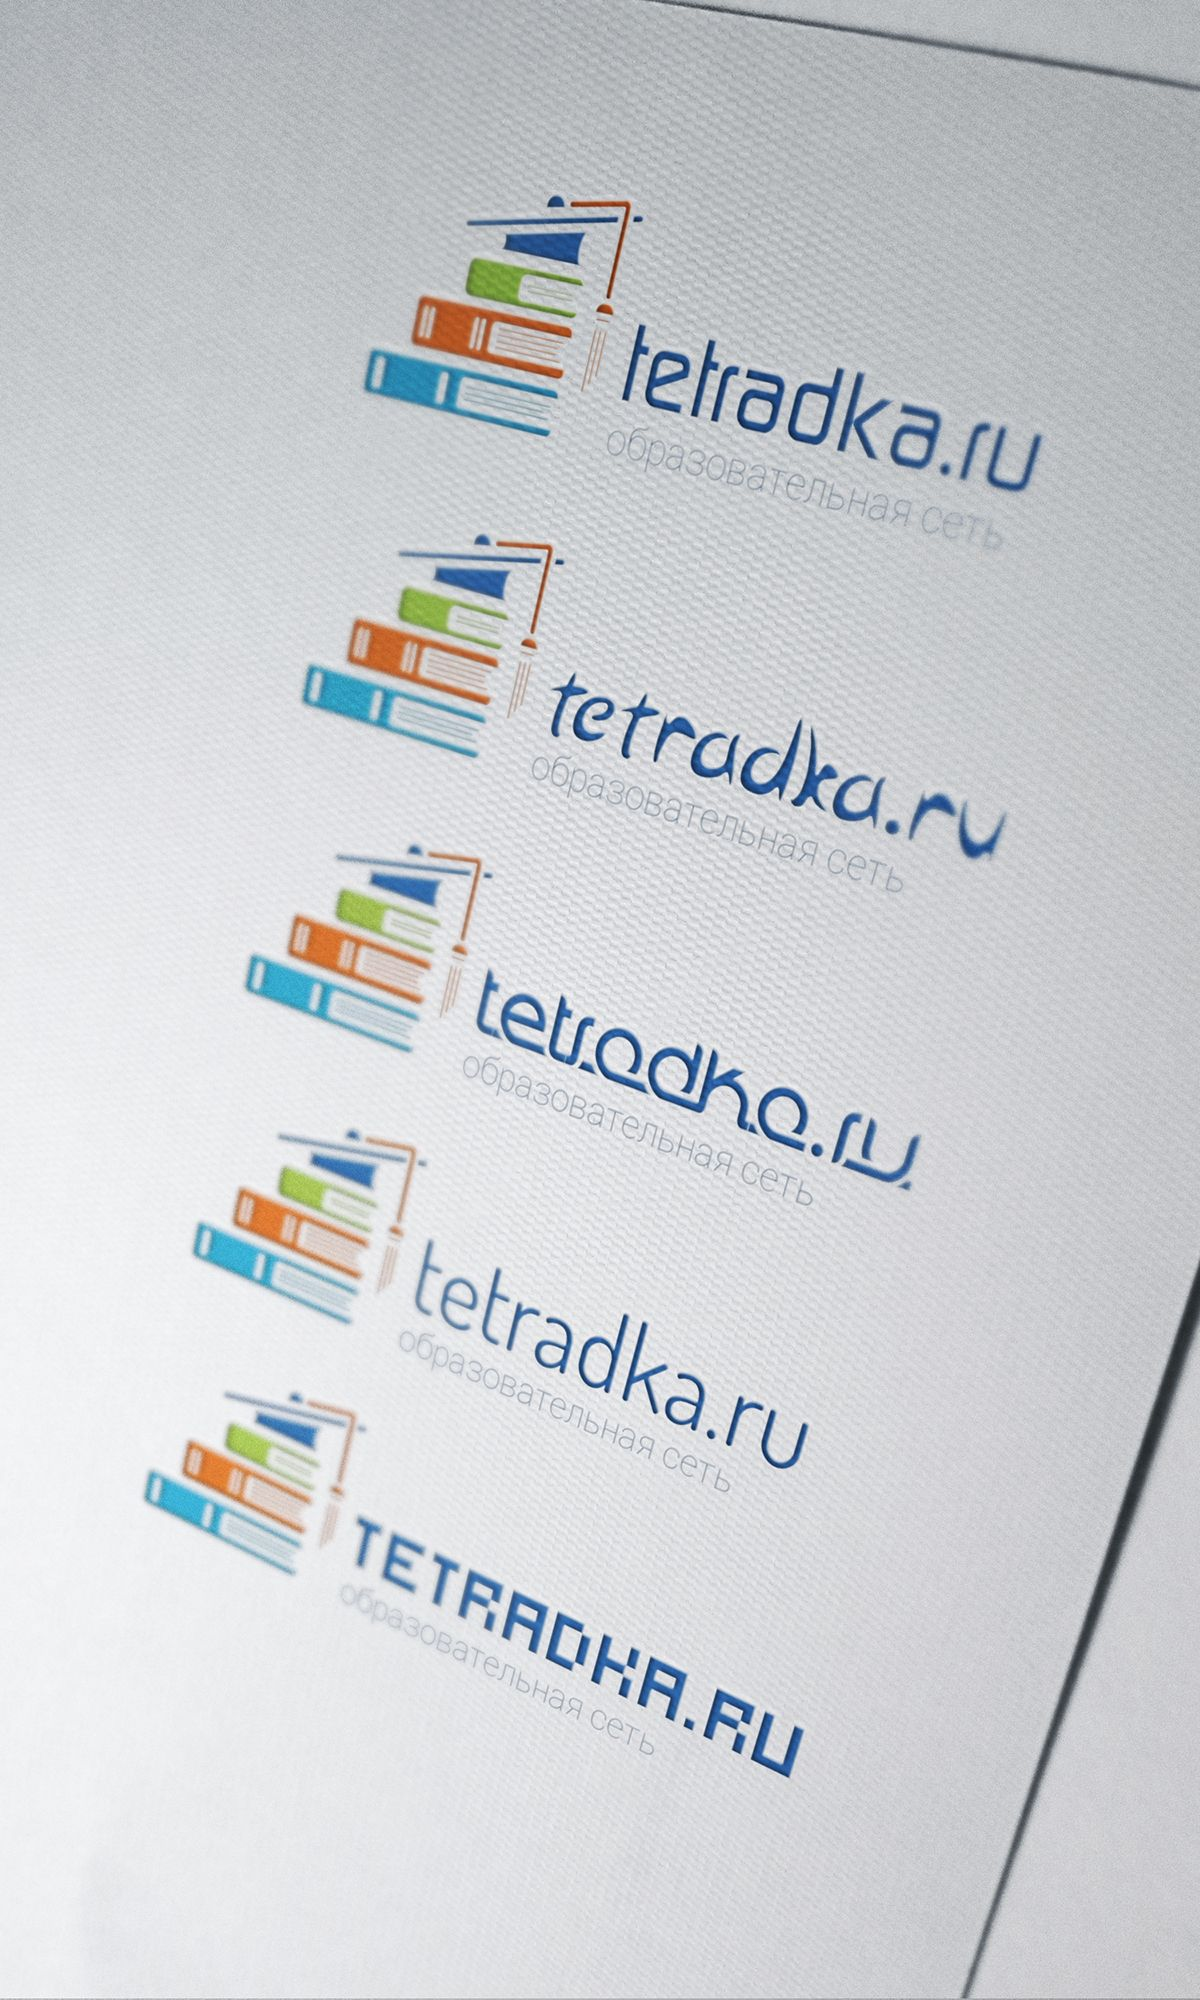 Логотип для образовательной сети tetradka.ru - дизайнер vadimsoloviev